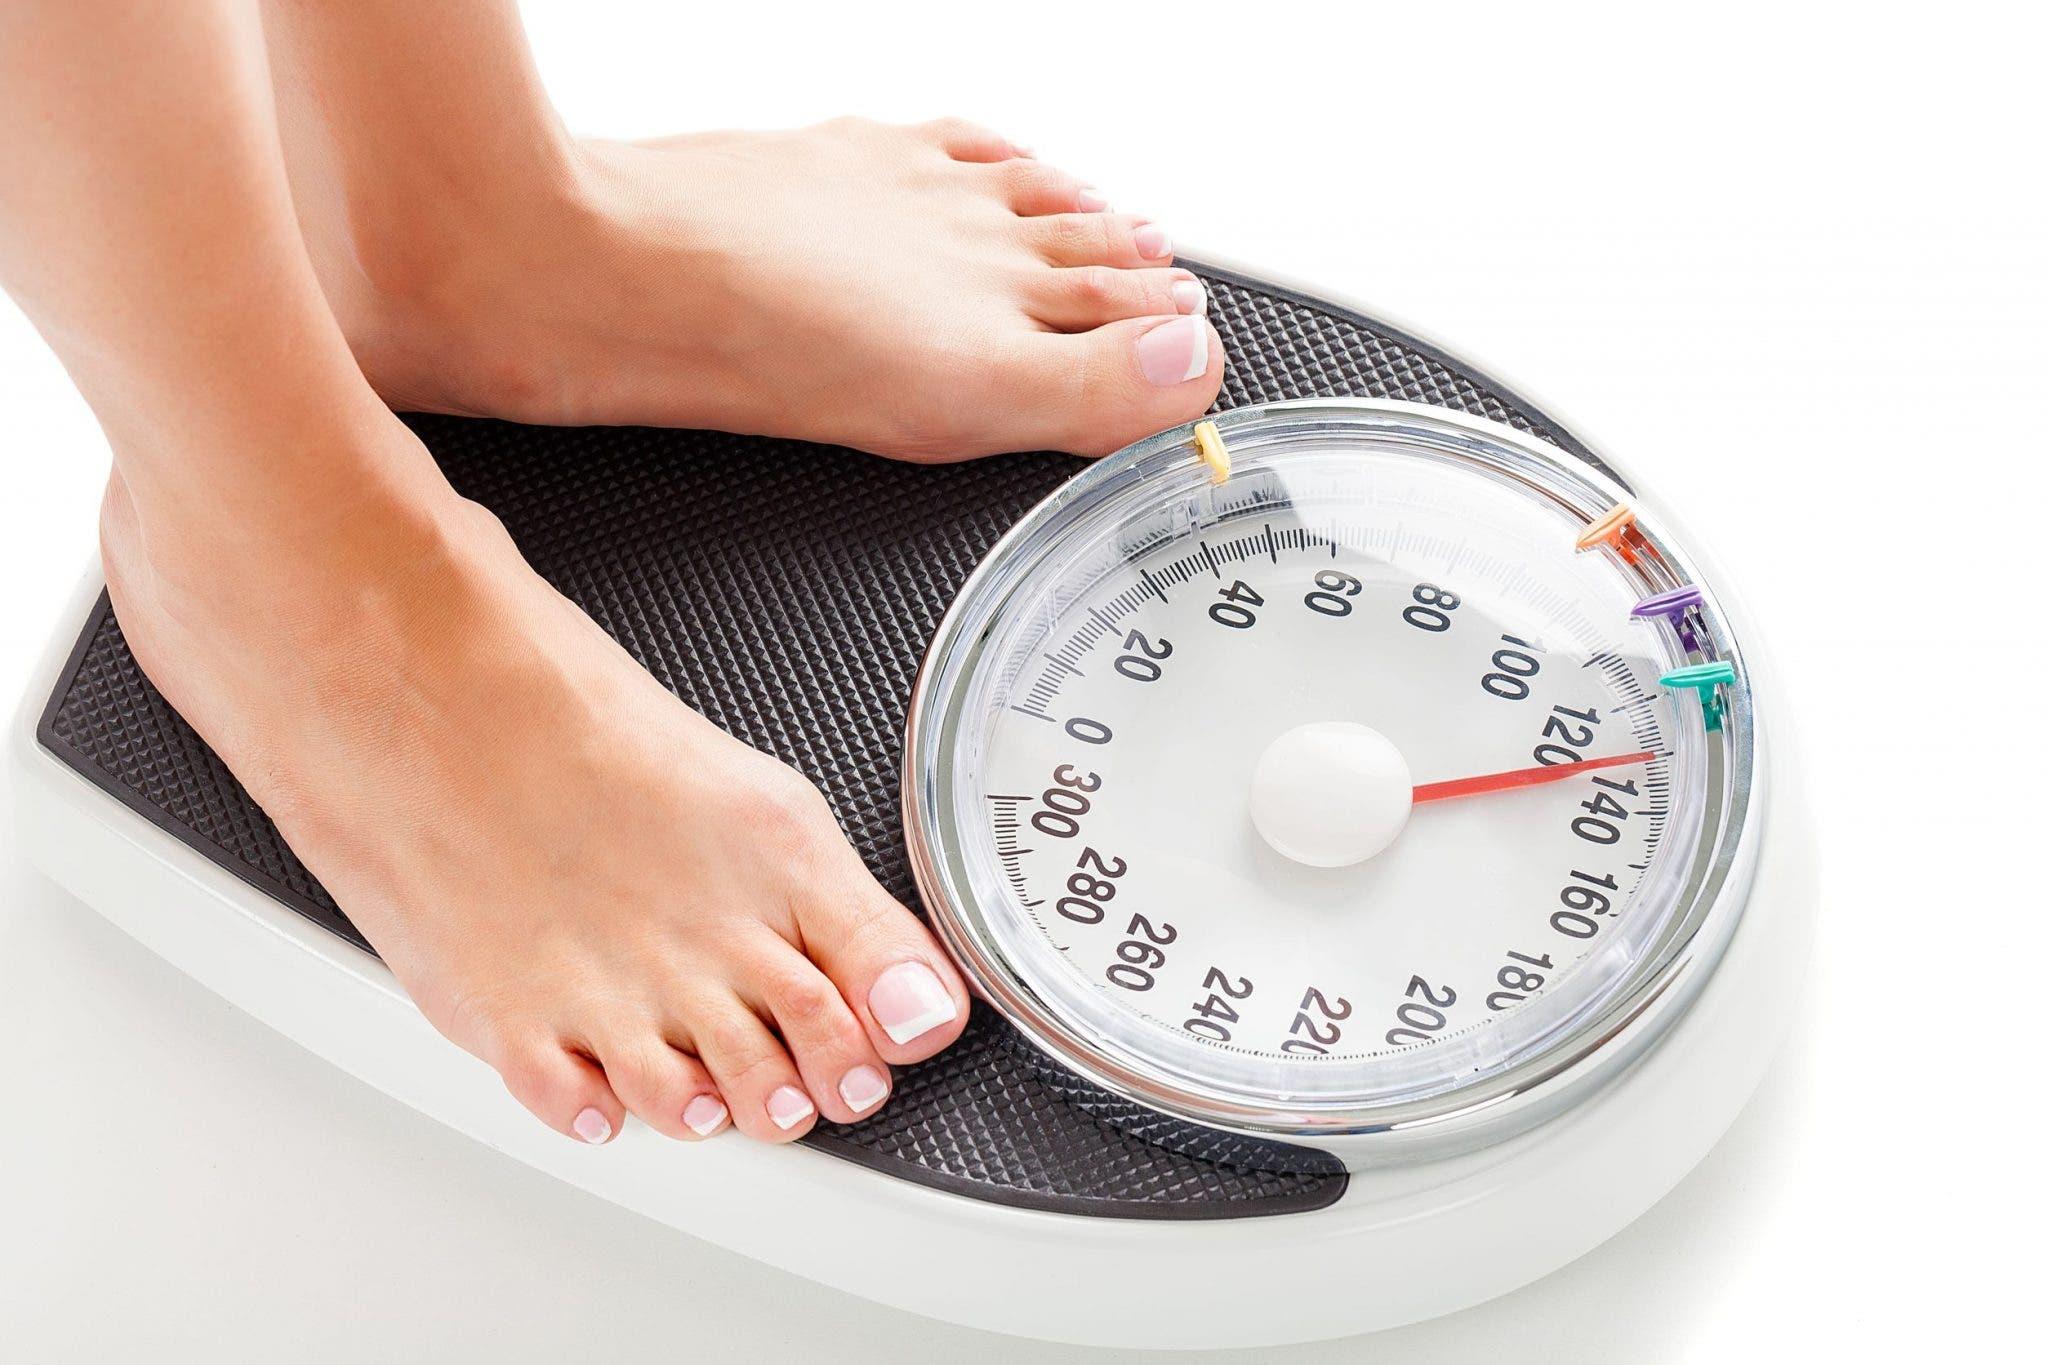 Сжигание жира без особых усилий: 61 способ быстро похудеть и забыть про лишний вес